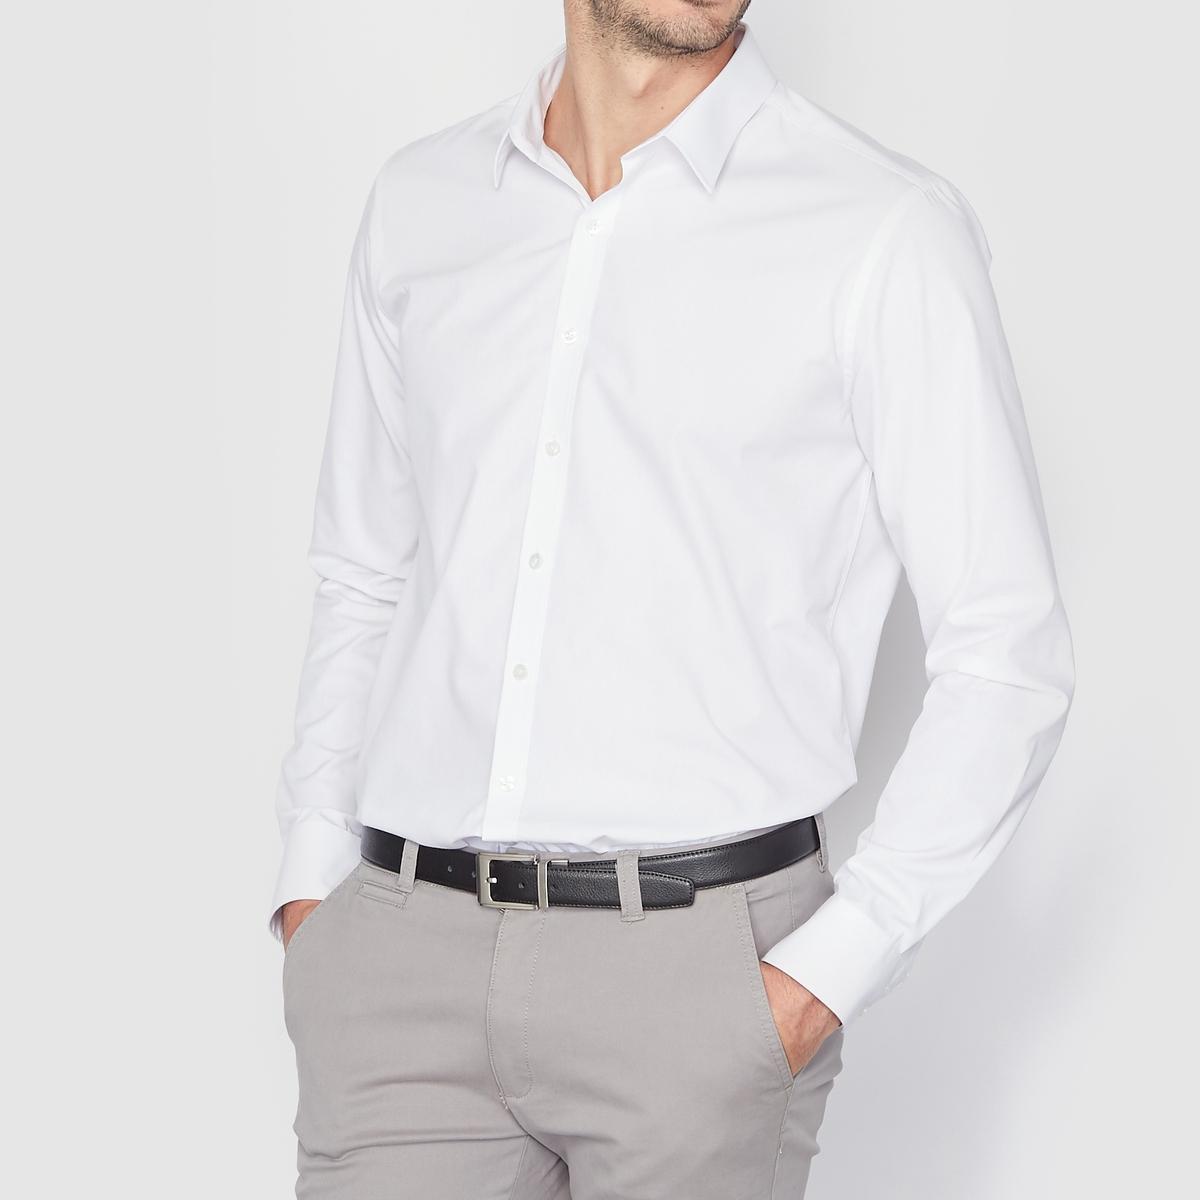 Рубашка однотонная прямого покрояРубашка прямого покроя с длинными рукавами. Длина 77 см.   Легкая глажка.Низ рукавов с застежкой на пуговицы. 55% хлопка, 45% полиэстера.<br><br>Цвет: белый,небесно-голубой,темно-синий,черный<br>Размер: 37/38.39/40.41/42.43/44.45/46.47/48.35/36.37/38.41/42.43/44.35/36.37/38.39/40.43/44.41/42.45/46.47/48